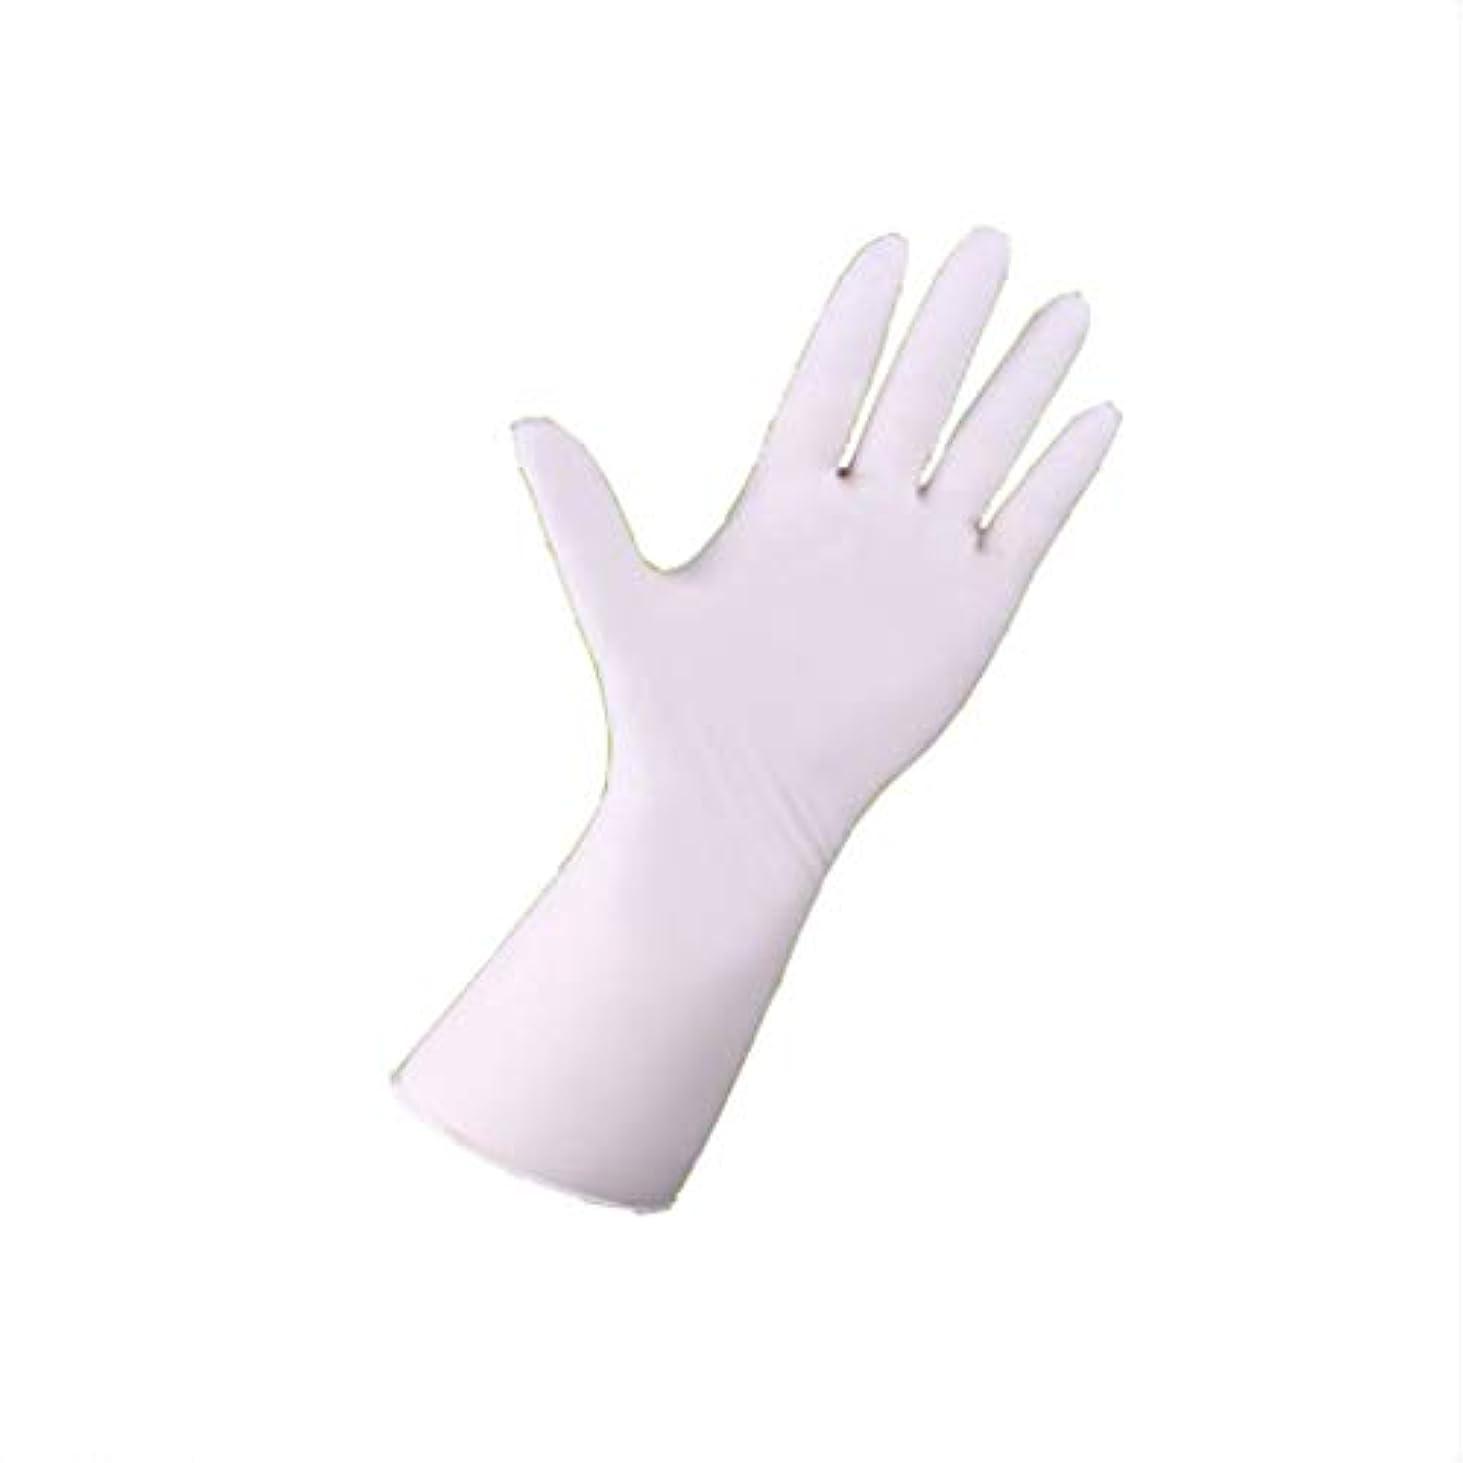 キリマンジャロ連隊浪費手袋、使い捨て手袋、長いゴムラボ、帯電防止ペディキュア、マッサージ、ハンドマッサージ100 (サイズ さいず : S s)